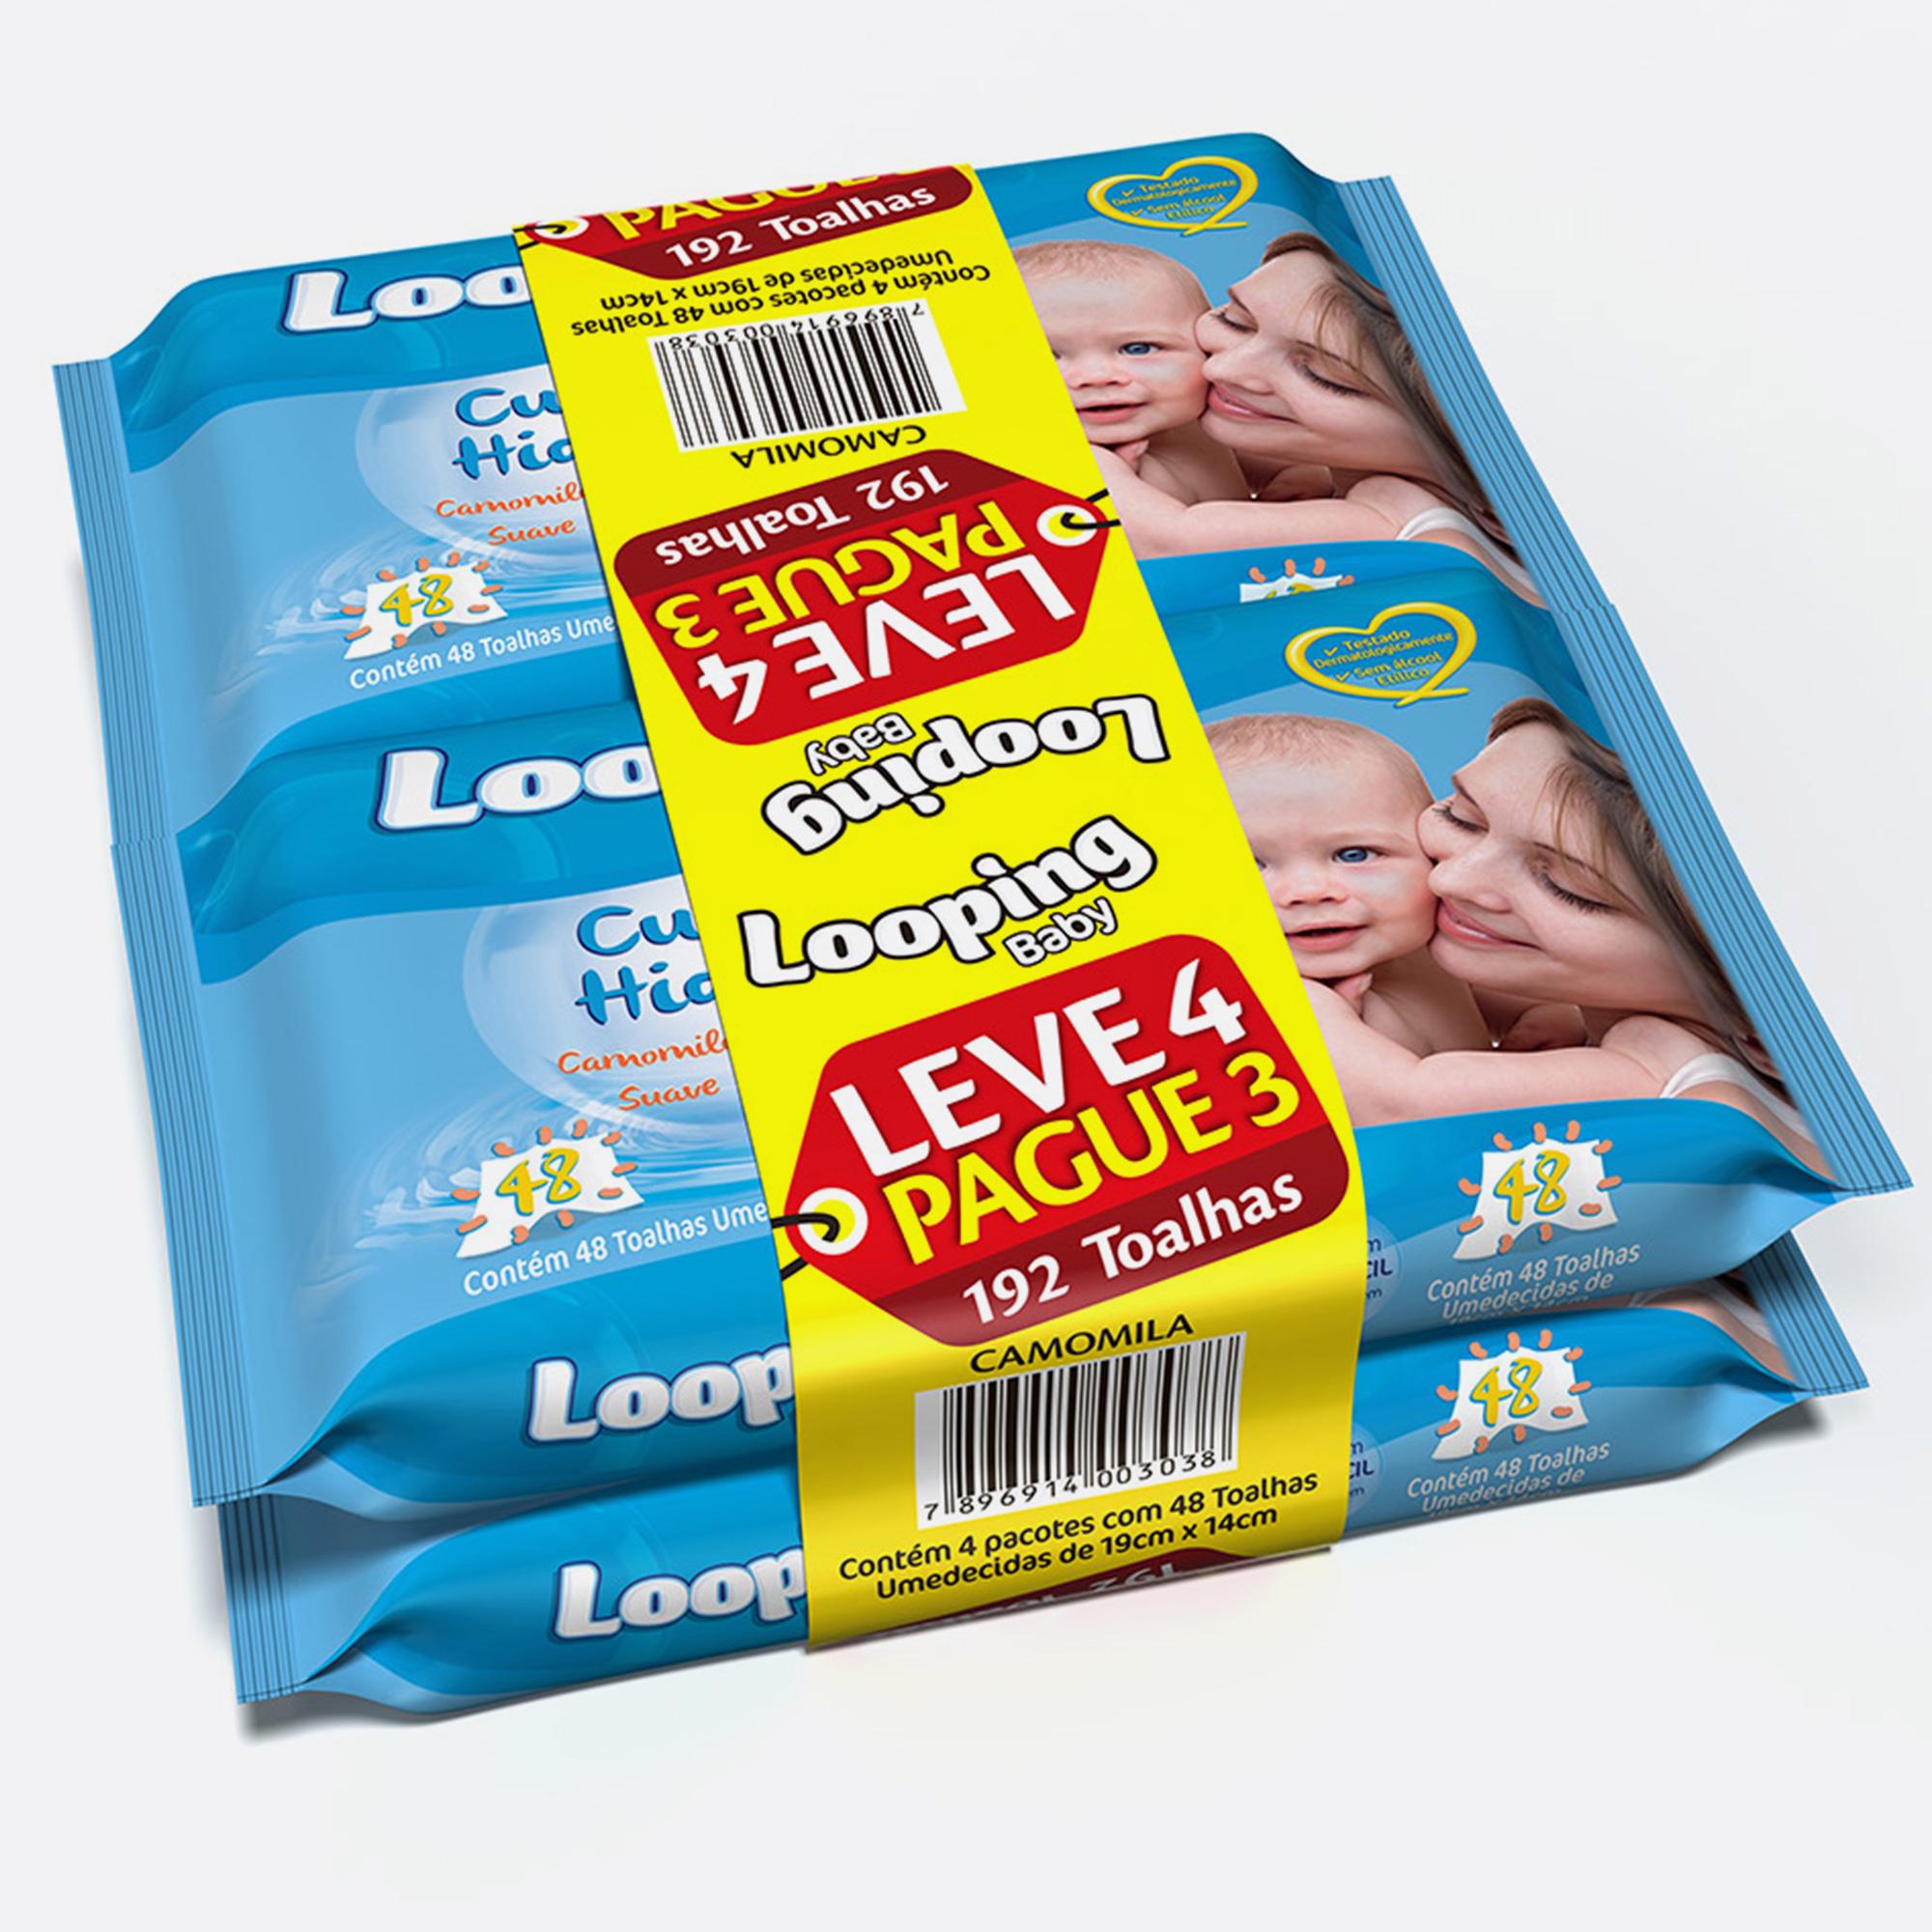 Desenvolvimento do mockup 3D digital, packshot da embalagem do lenço umedecido Looping Leve 4 Pague 3 para o Grupo Carta Fabril